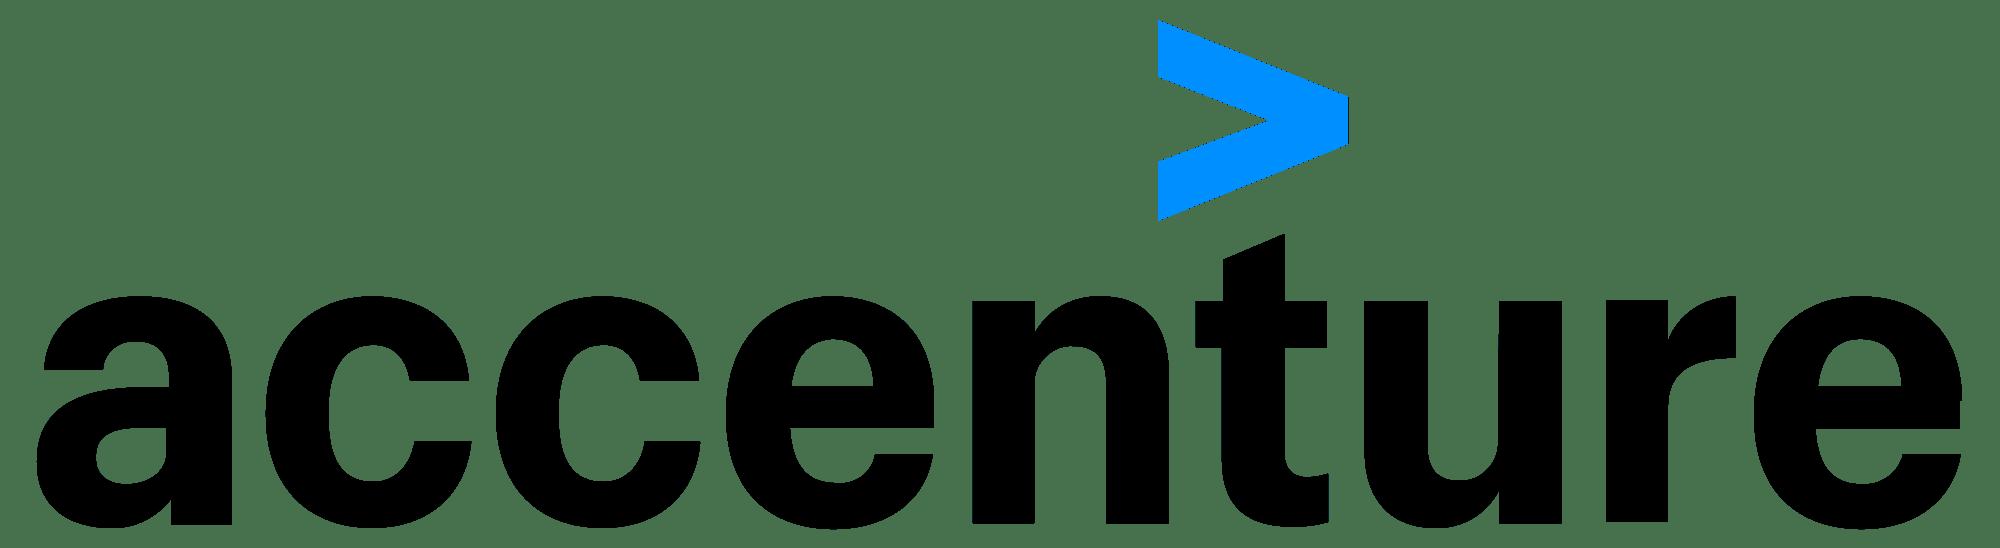 CTO Manufacturing | Accenture